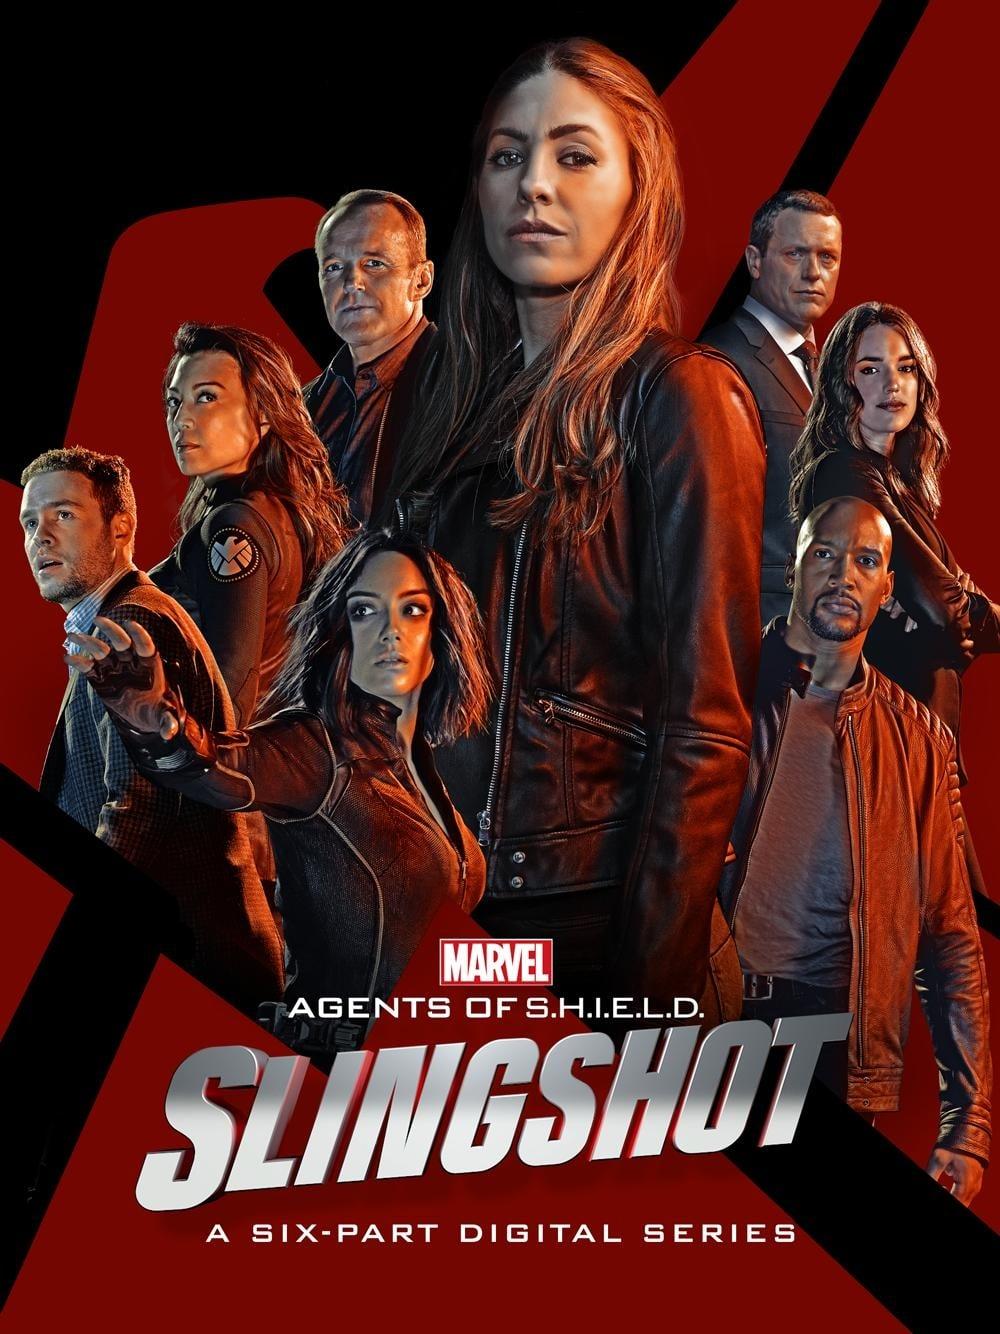 Marvel's Agents of S.H.I.E.L.D.: Slingshot series tv complet